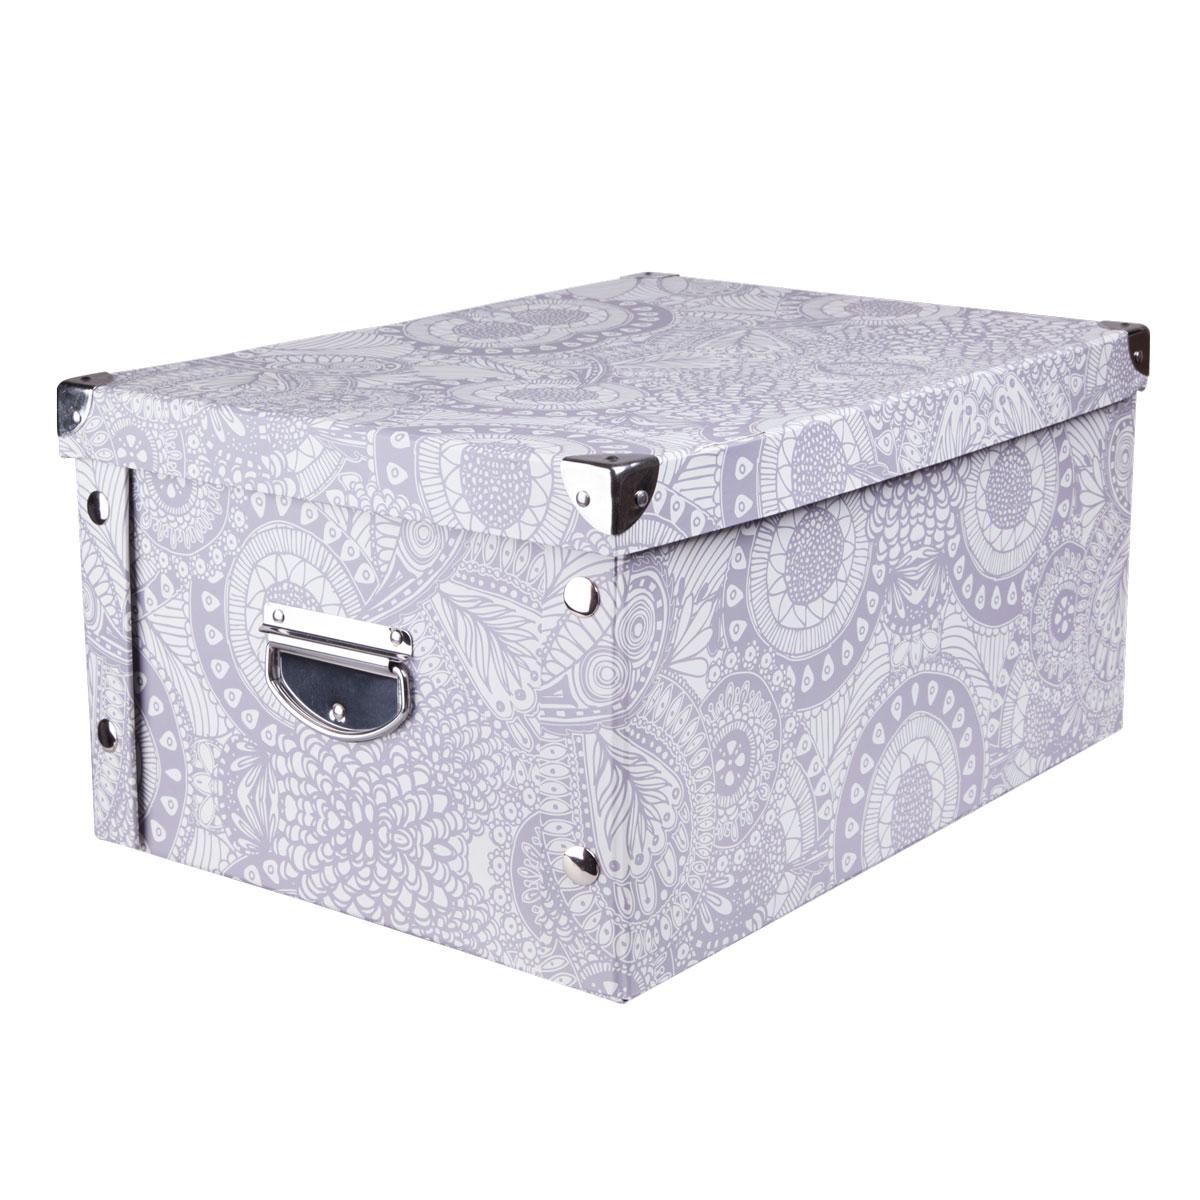 Коробка для хранения Miolla, 45 х 35 х 22,5 см. CFB-04CFB-04Коробка для хранения Miolla прекрасно подойдет для хранения бытовых мелочей, документов, аксессуаров для рукоделия и других мелких предметов. Коробка поставляется в разобранном виде, легко и быстро складывается. Плотная крышка и удобные для переноски металлические ручки станут приятным дополнением к функциональным достоинствам коробки. Удобная крышка не даст ни одной вещи потеряться, а оптимальный размер подойдет для любого шкафа или полки.Компактная, но при этом вместительная коробка для хранения станет яркой нотой в вашем интерьере.